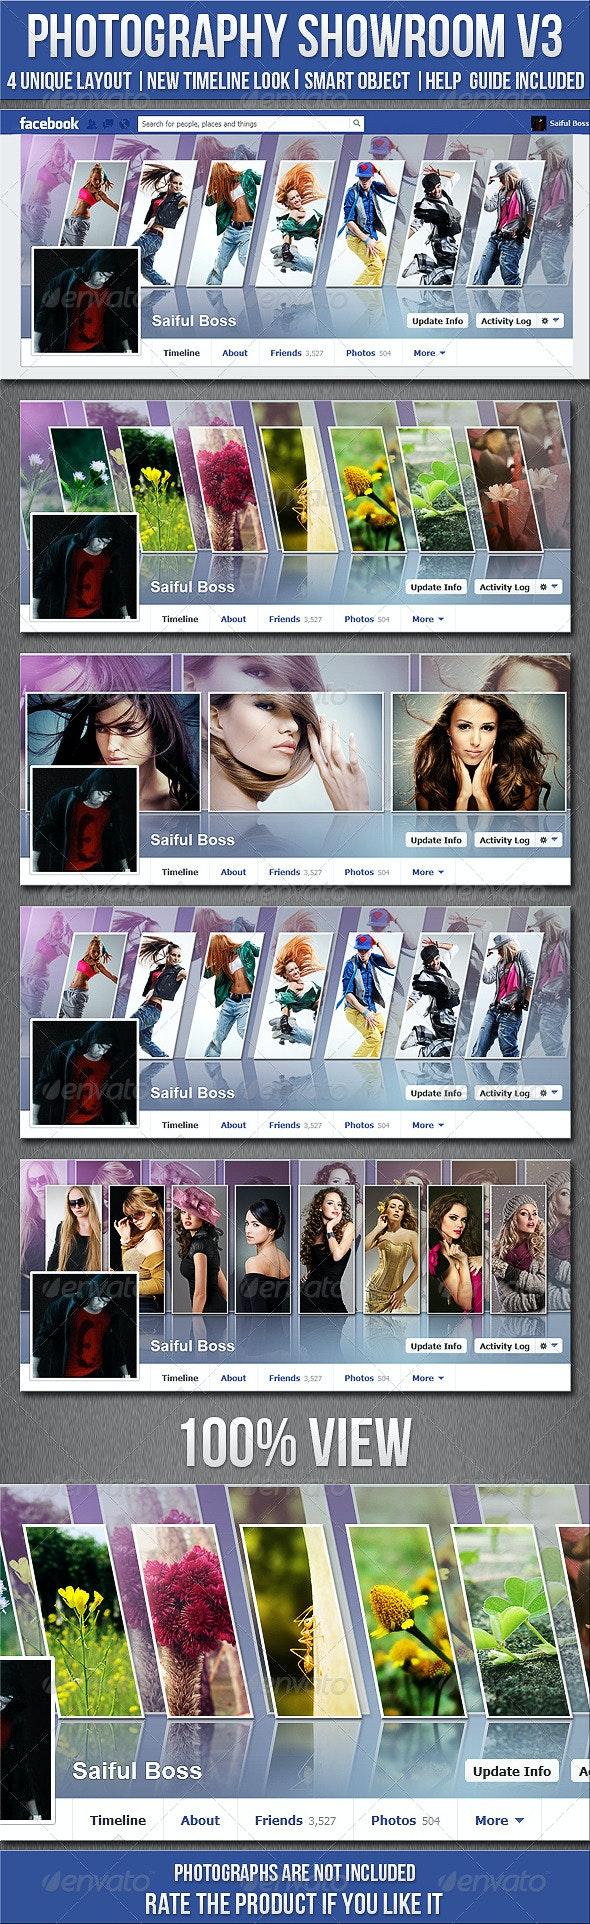 Photography Showroom Facebook Timeline Cover V3 - Facebook Timeline Covers Social Media